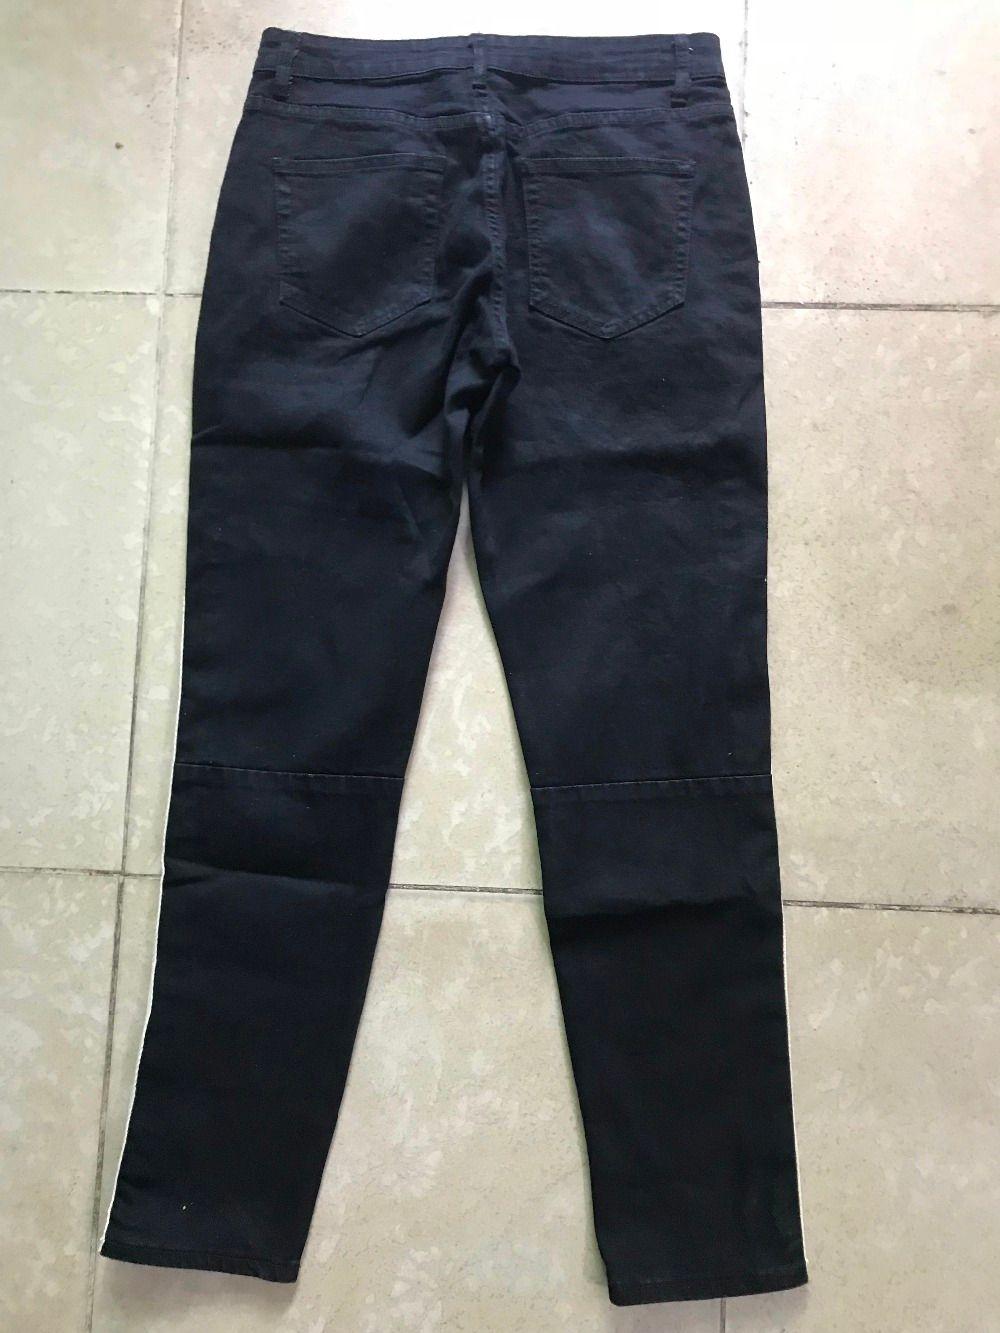 2018 Лучшая версия ретро деним - черный синий мужские джинсы боковая полоса белая полоса шить хип-хоп повседневная уличная джинсы